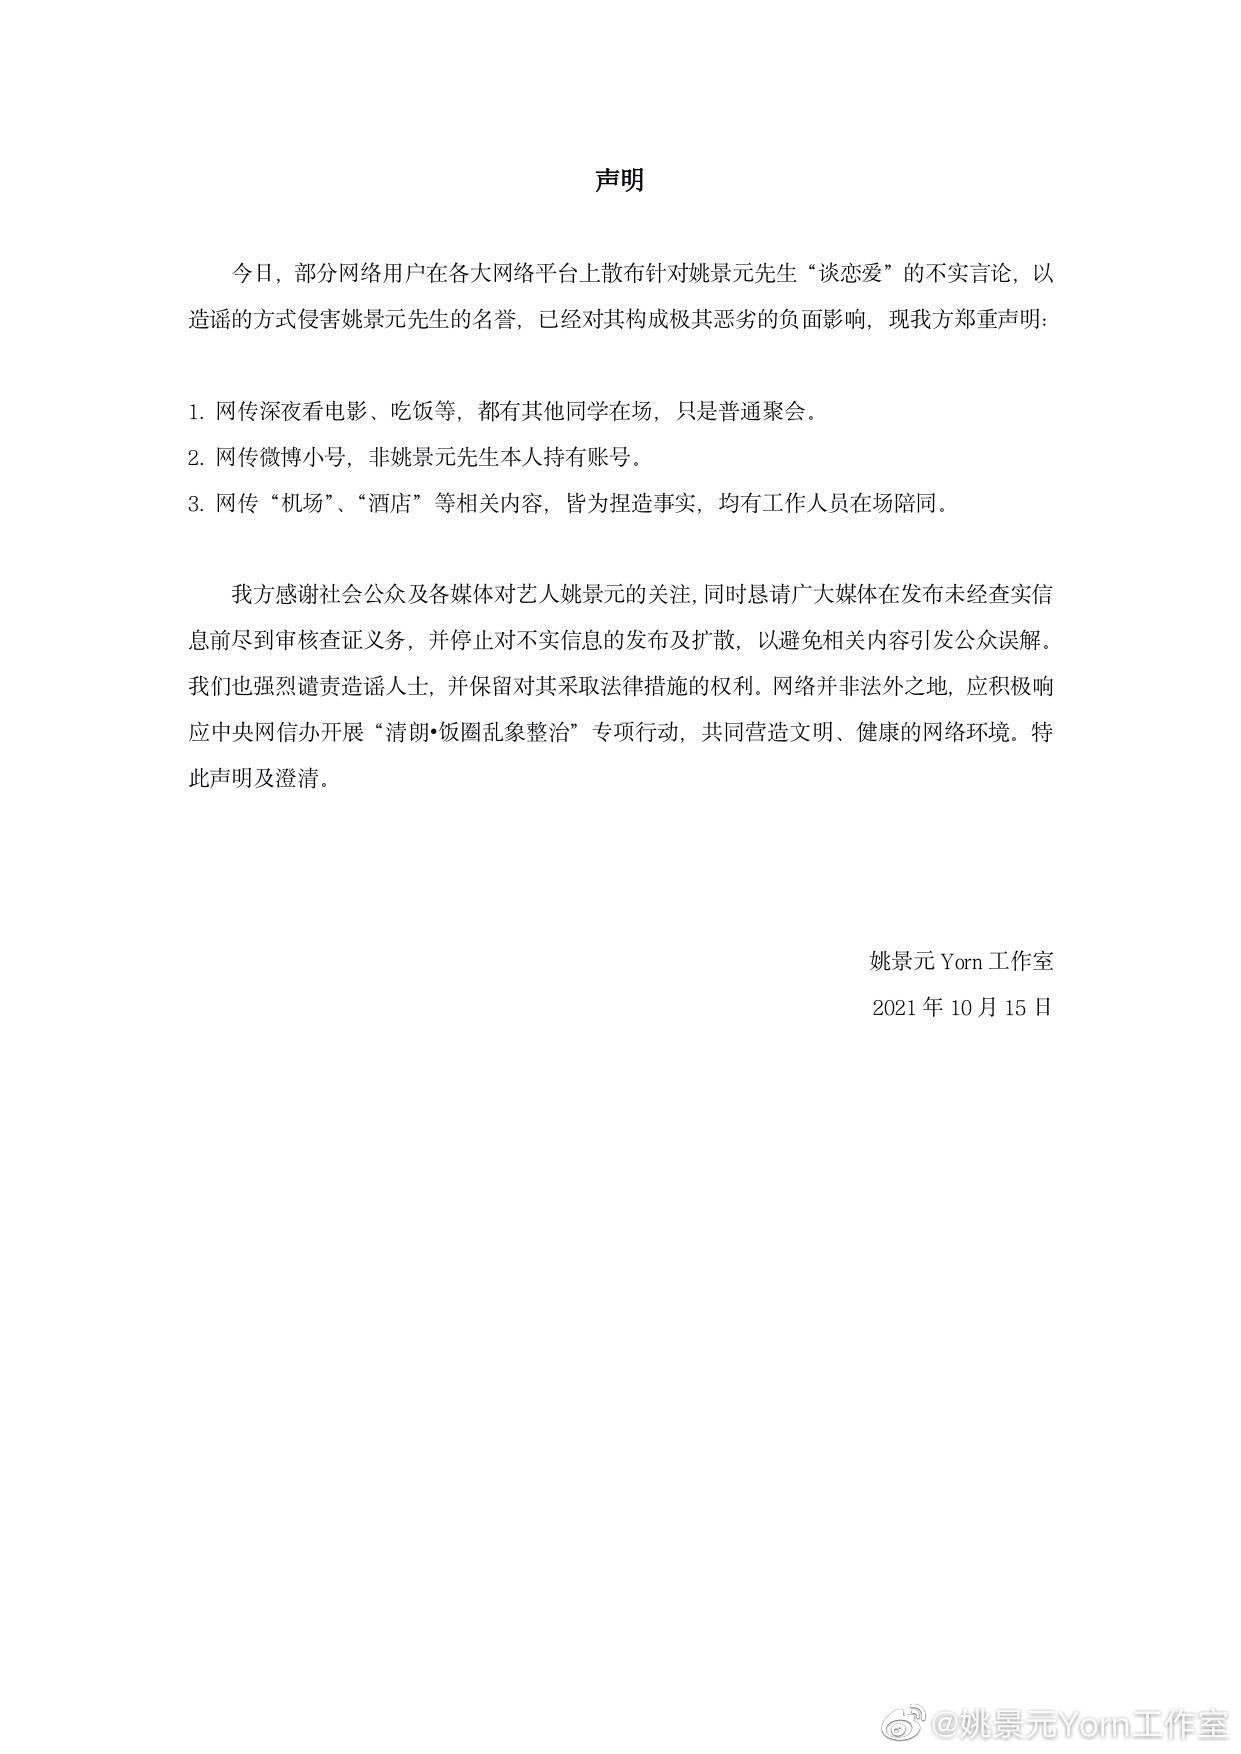 姚景元工作室辟谣恋情 网传恋情为不实信息